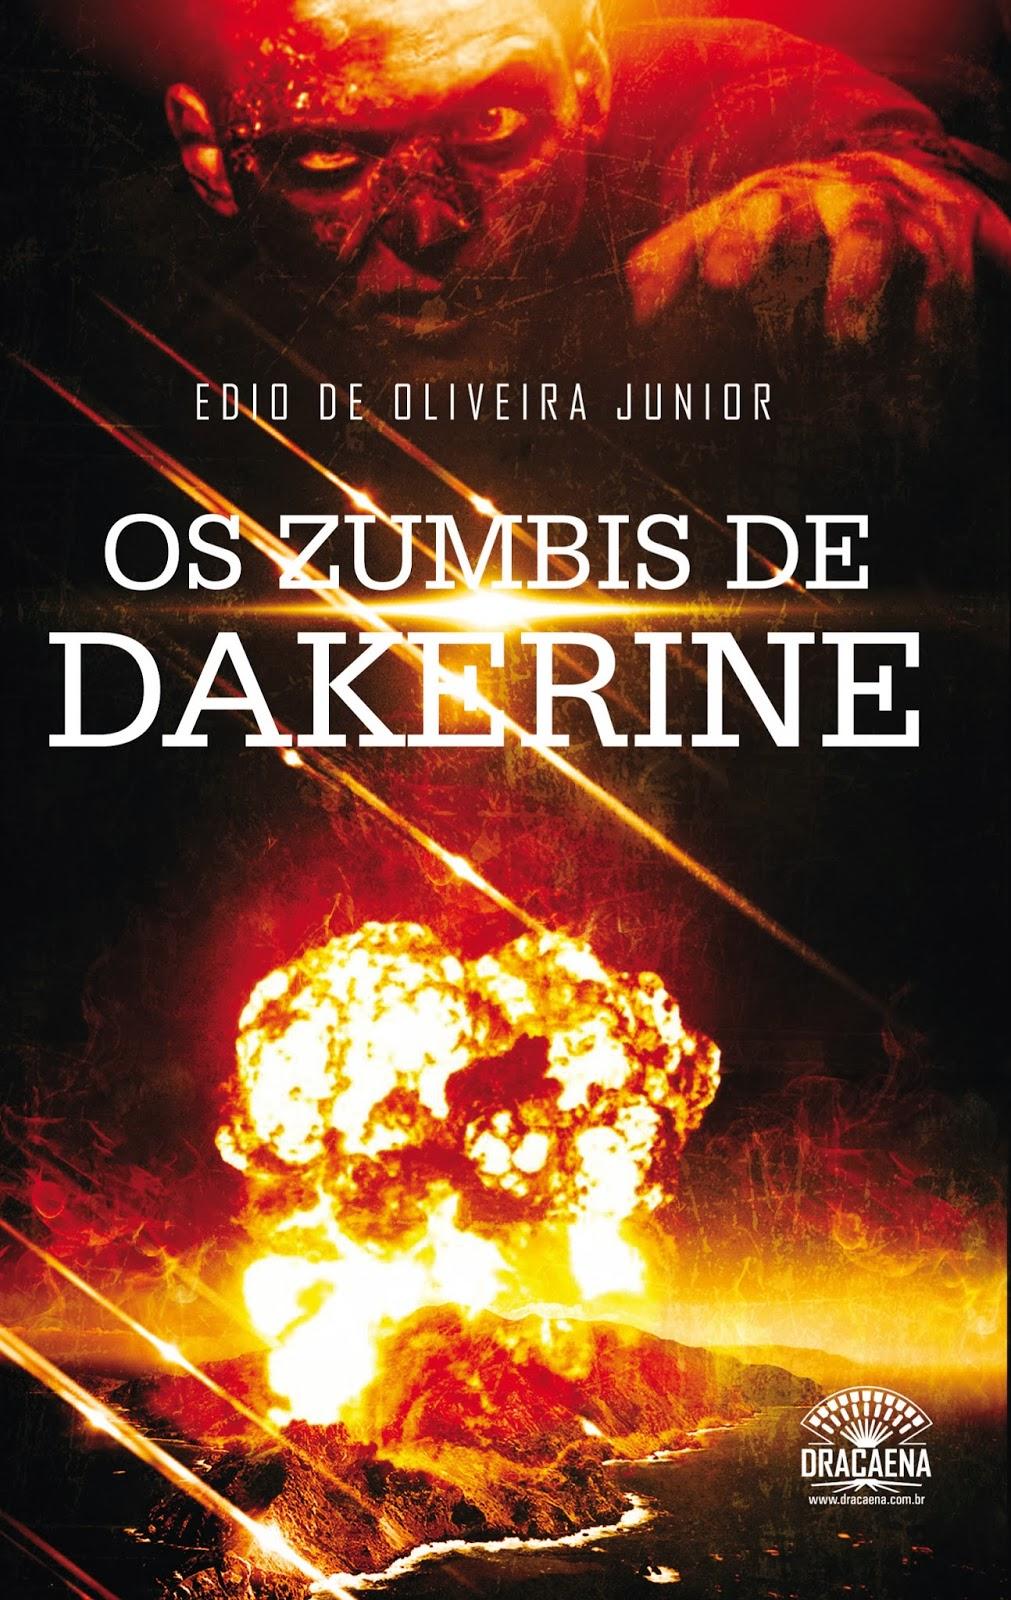 Lançamentos - Editora Dracaena